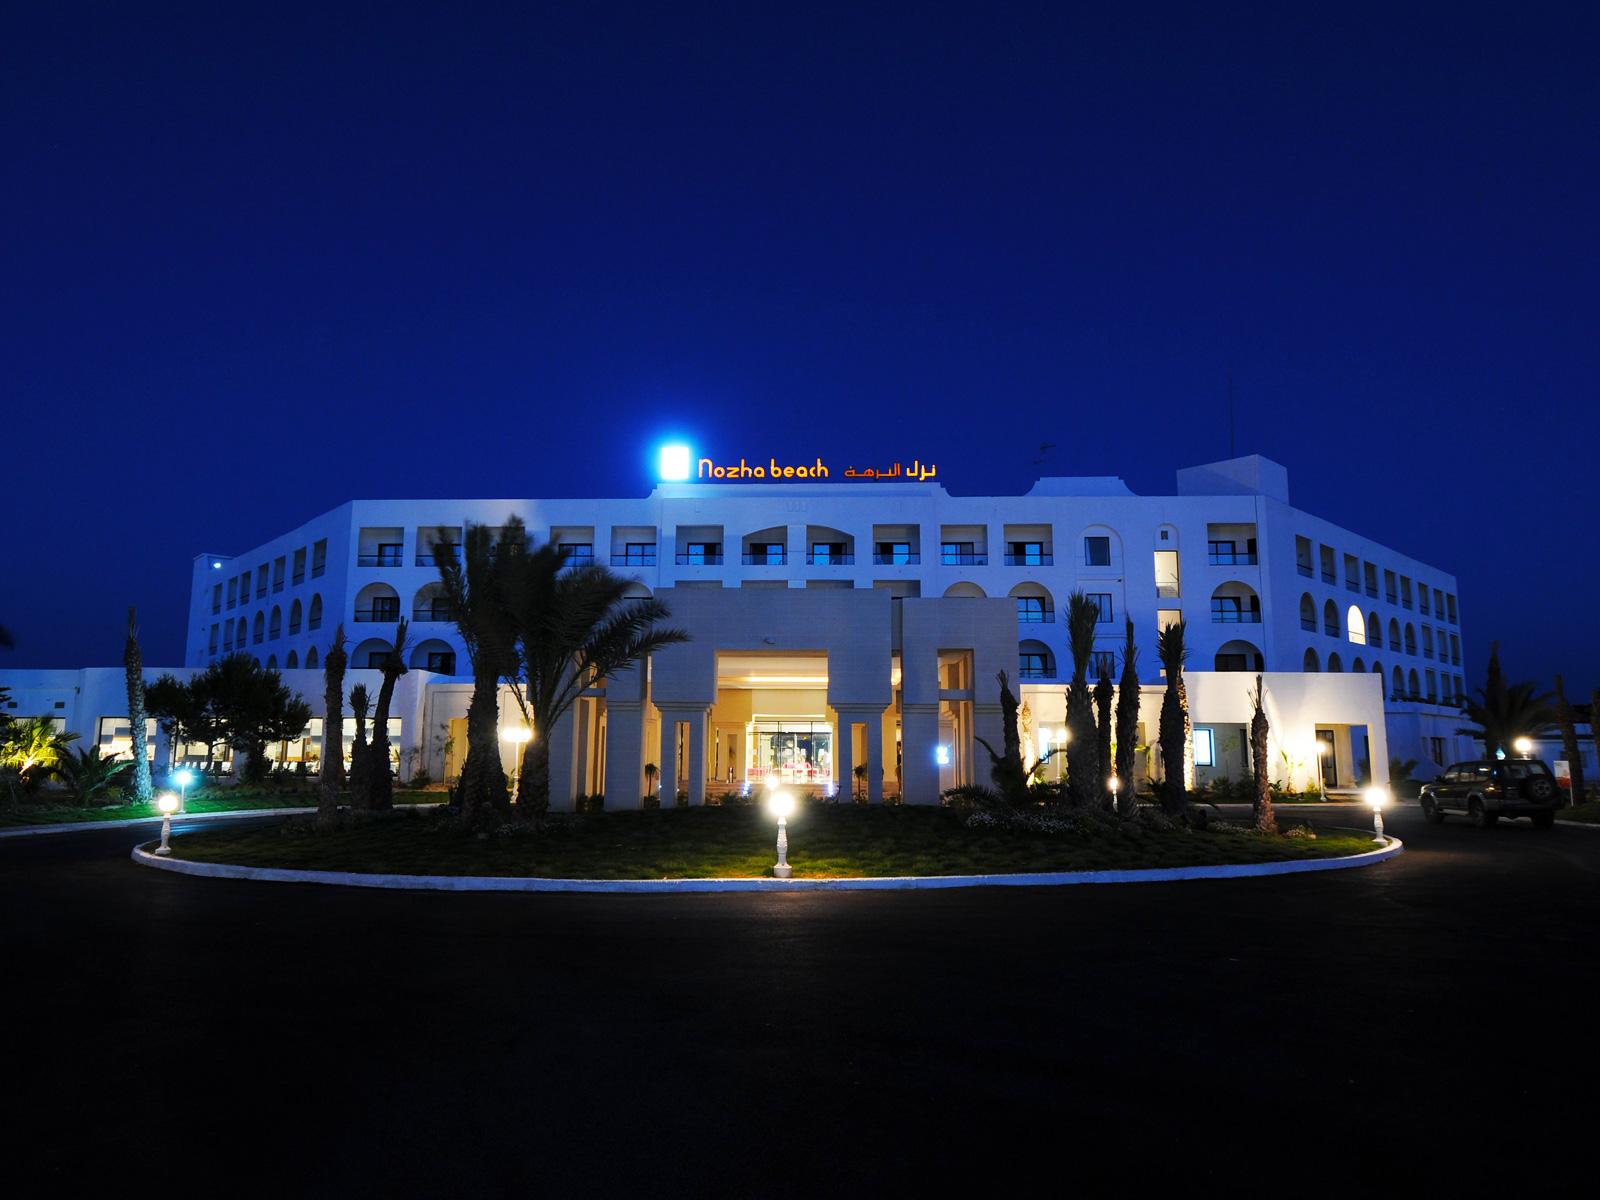 Entrée principale - Hamammet Nozha Beach Hotel